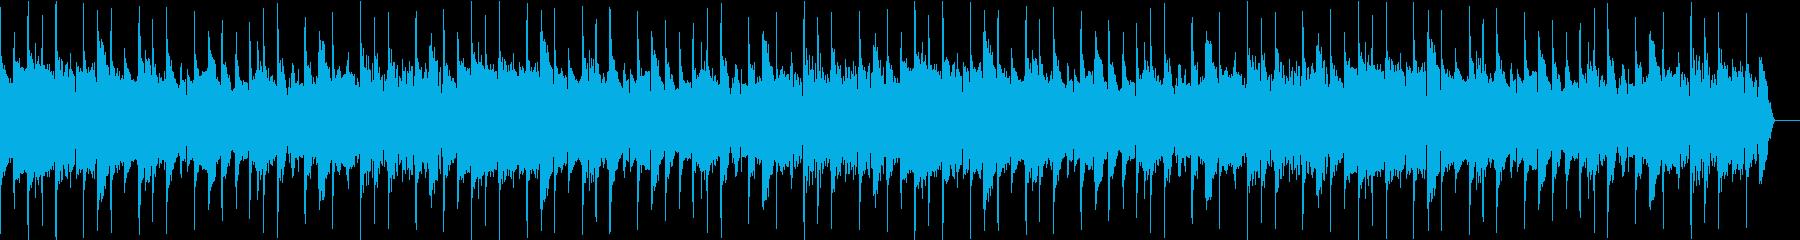 感動の回想シーンを演出するエレキギター2の再生済みの波形